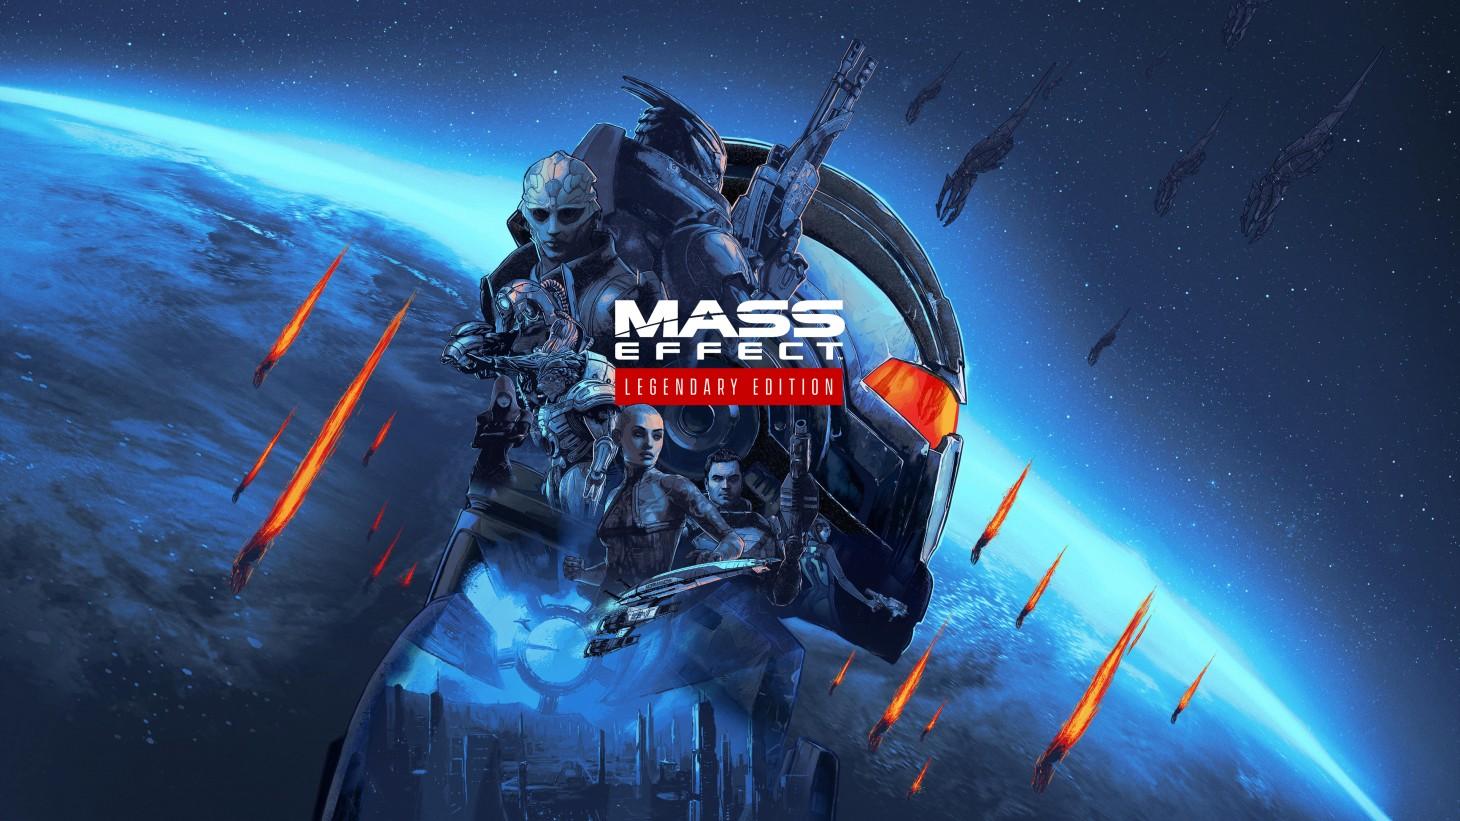 Mass Effect Legendary Edition version 1.02